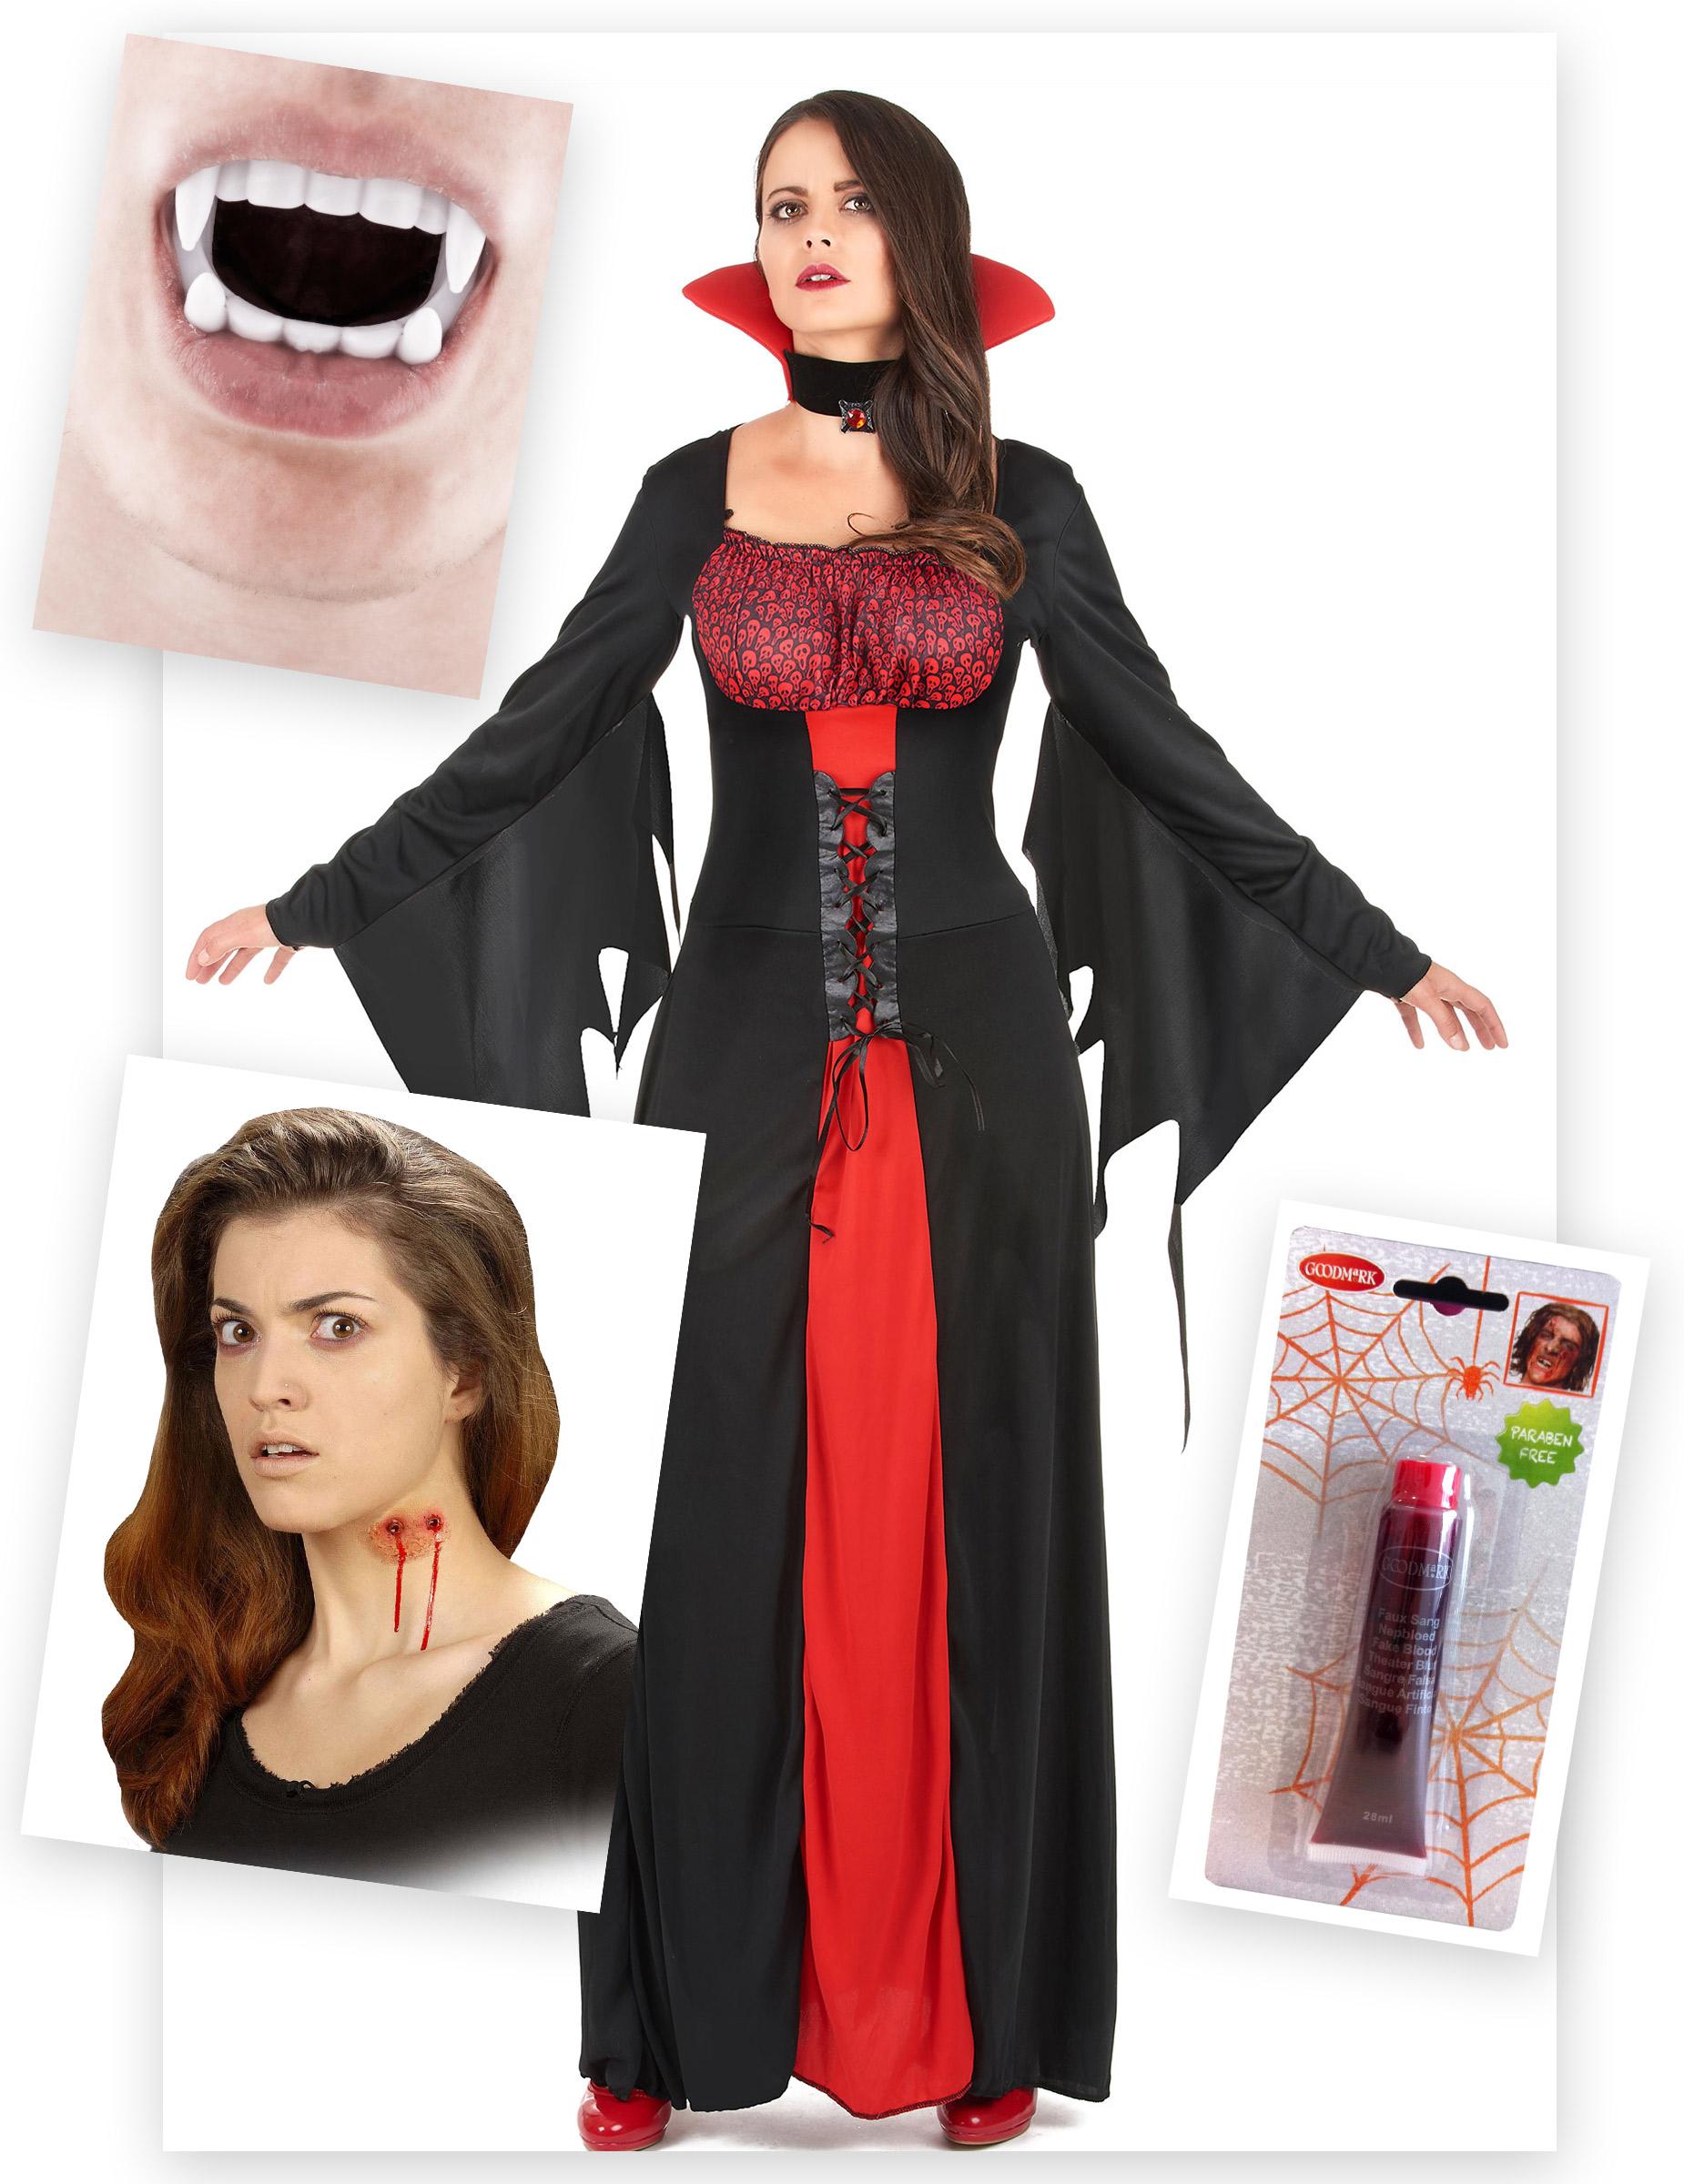 Kit travestimento da donna vampiro   Costumi adulti 04a5abfb336c